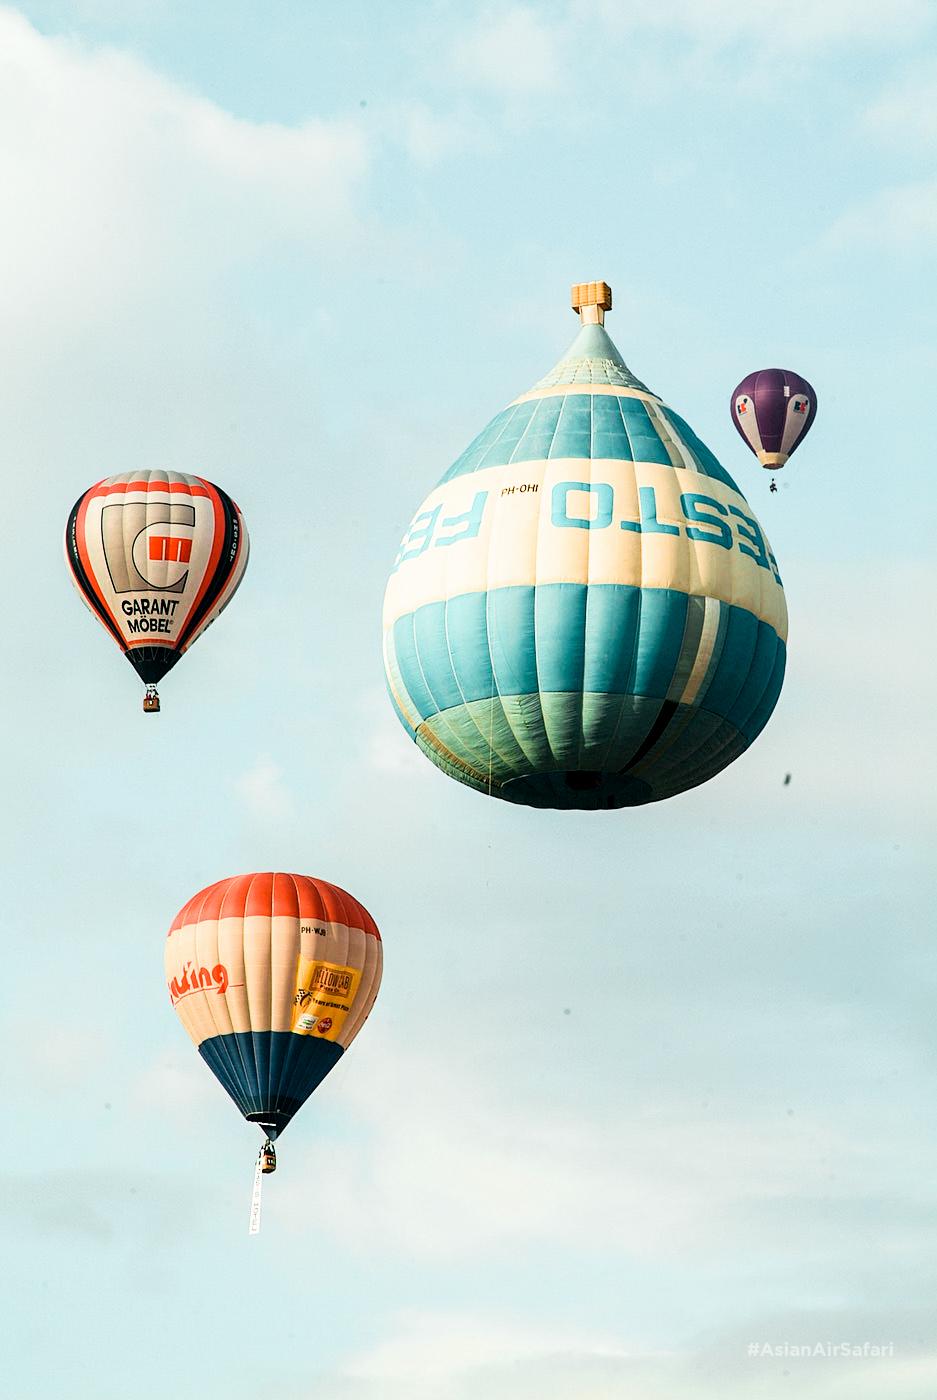 balloonslide (1 of 25)